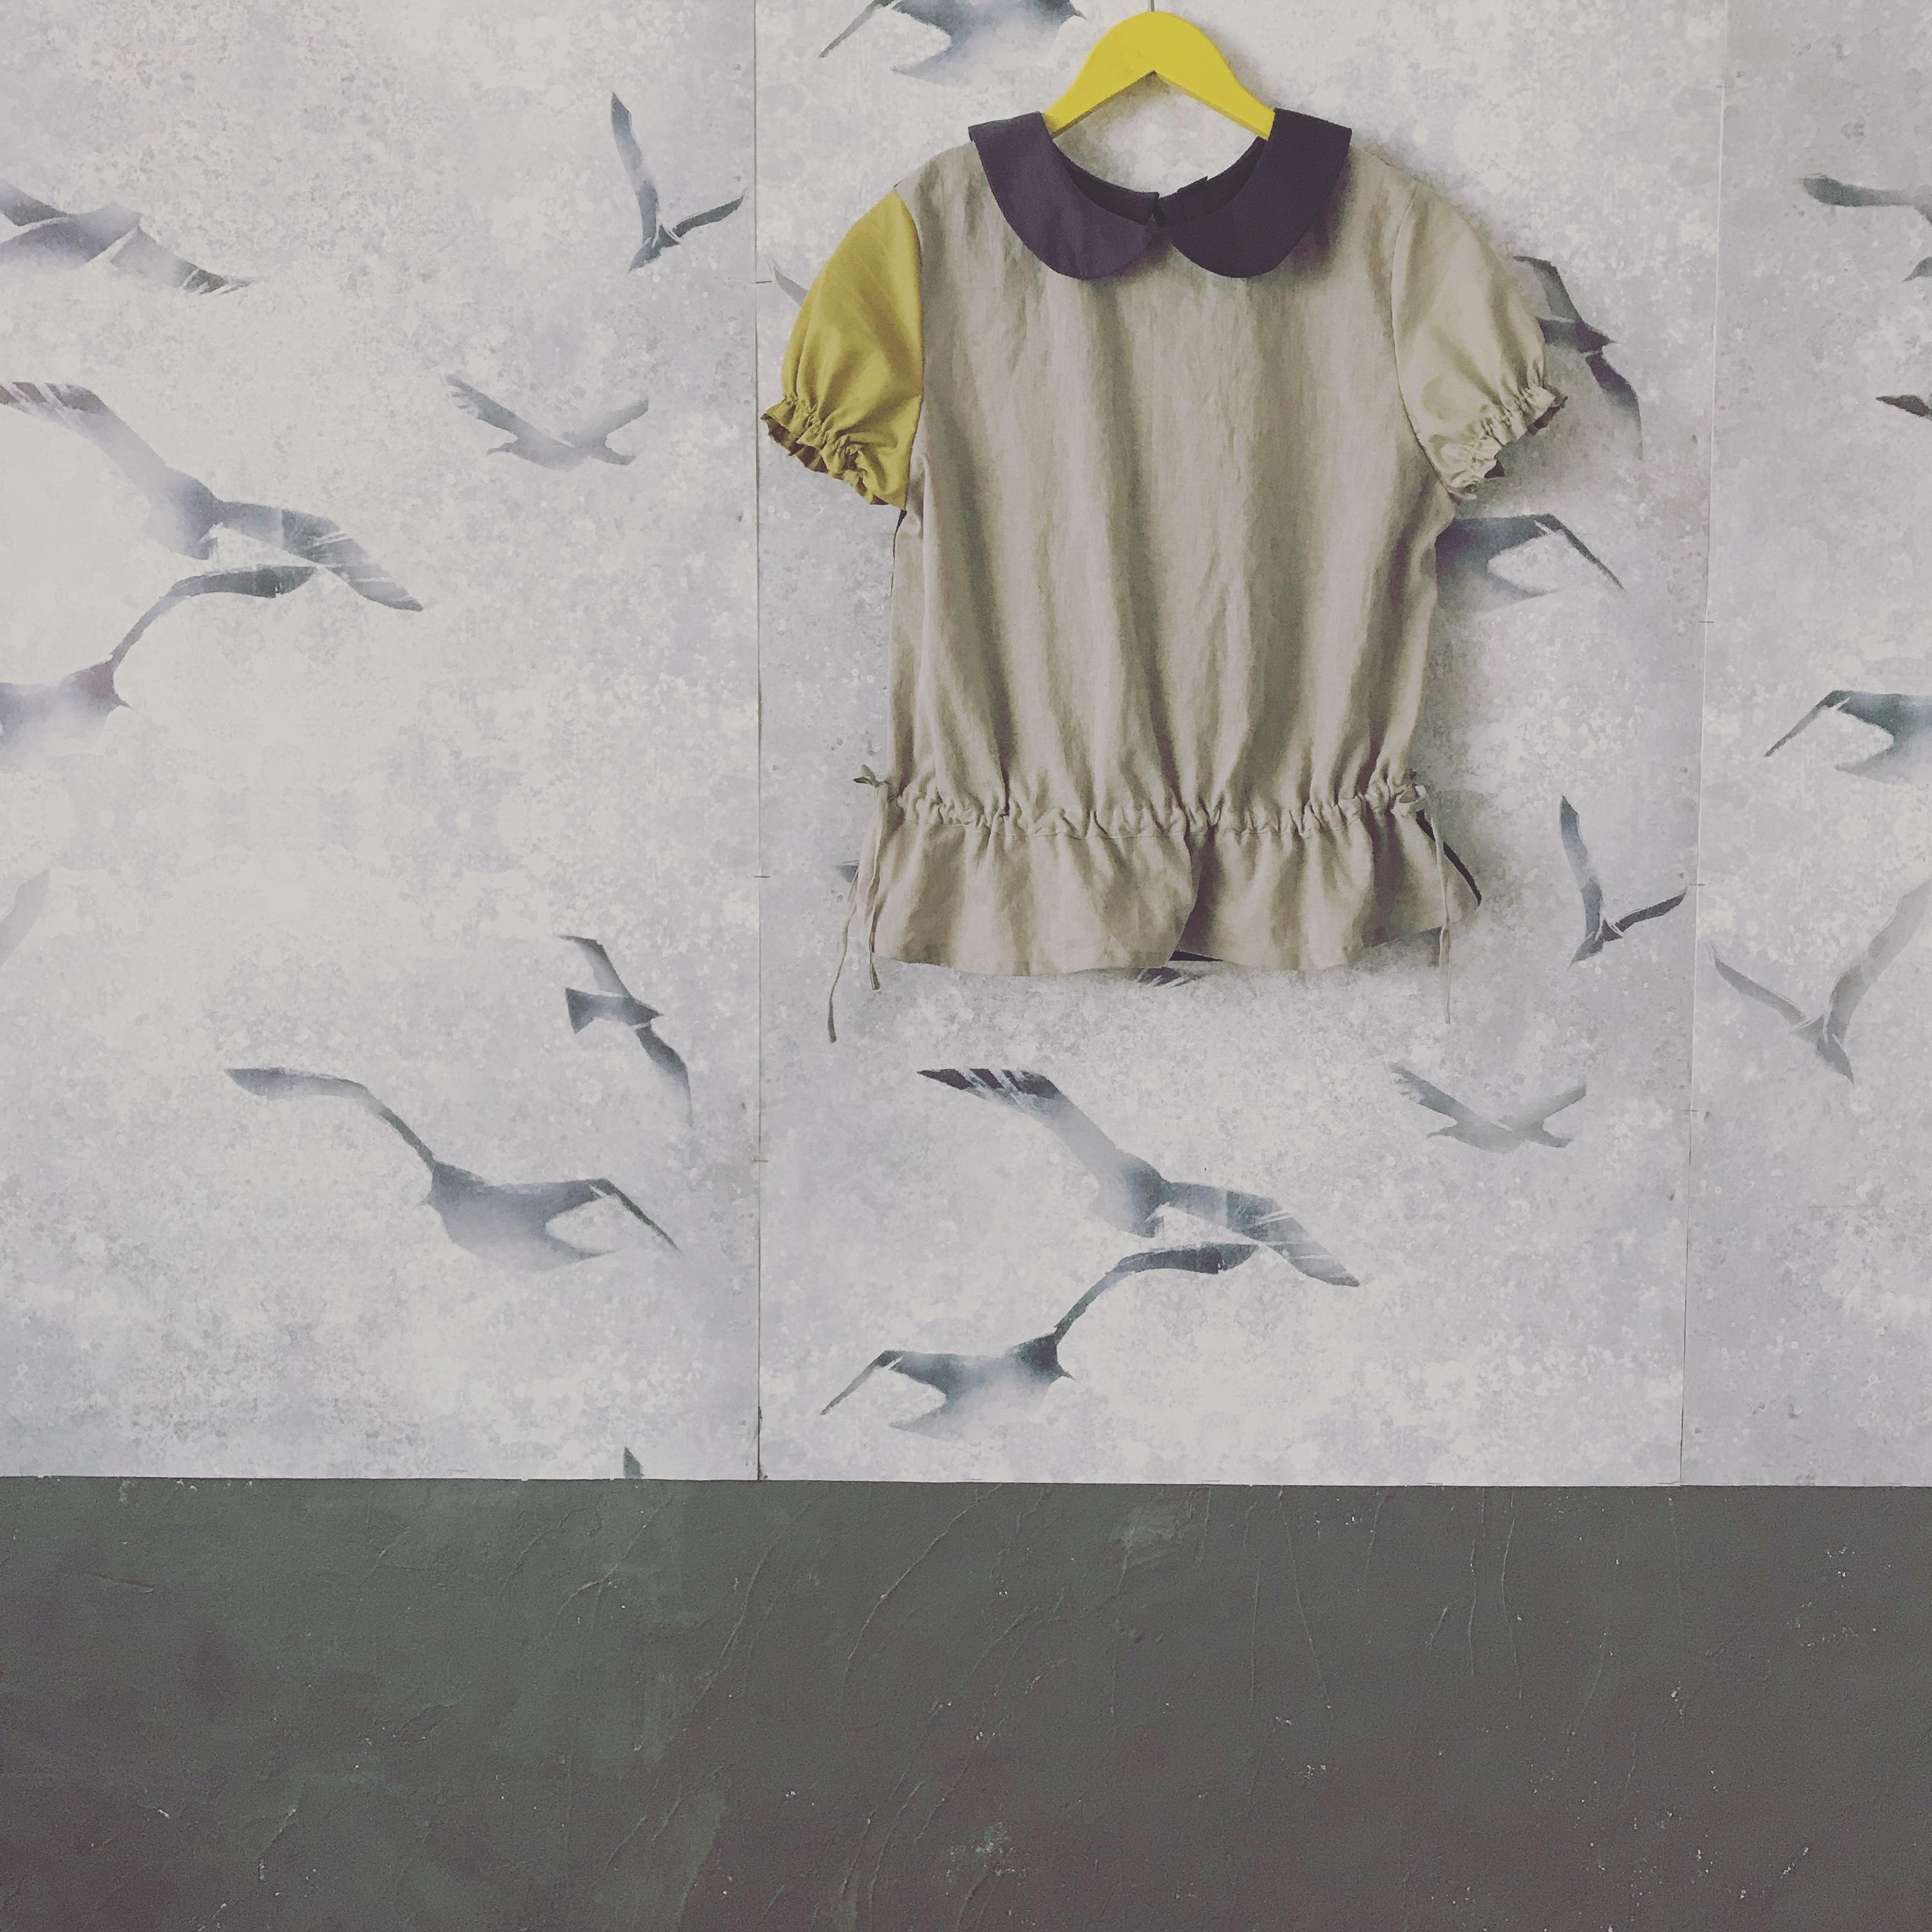 【お教室】03大人size palette丸襟ブラウス